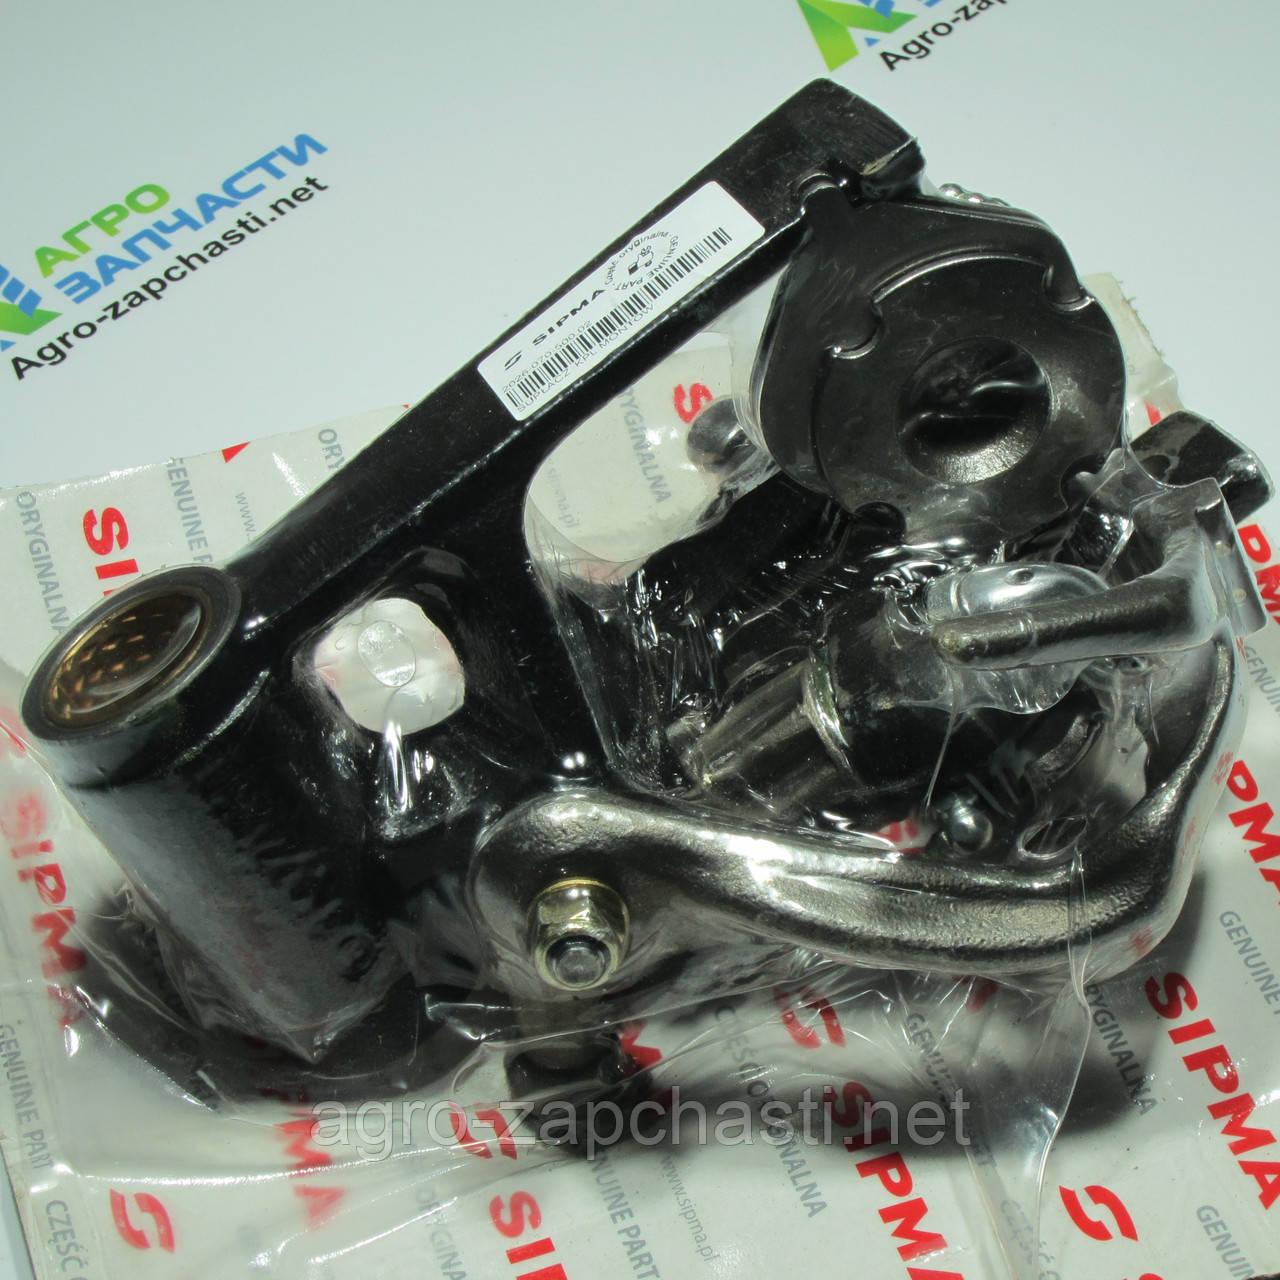 Вязальный аппарат пресс-подборщика Sipma Z224 [Оригинал] 2026-070-500.02